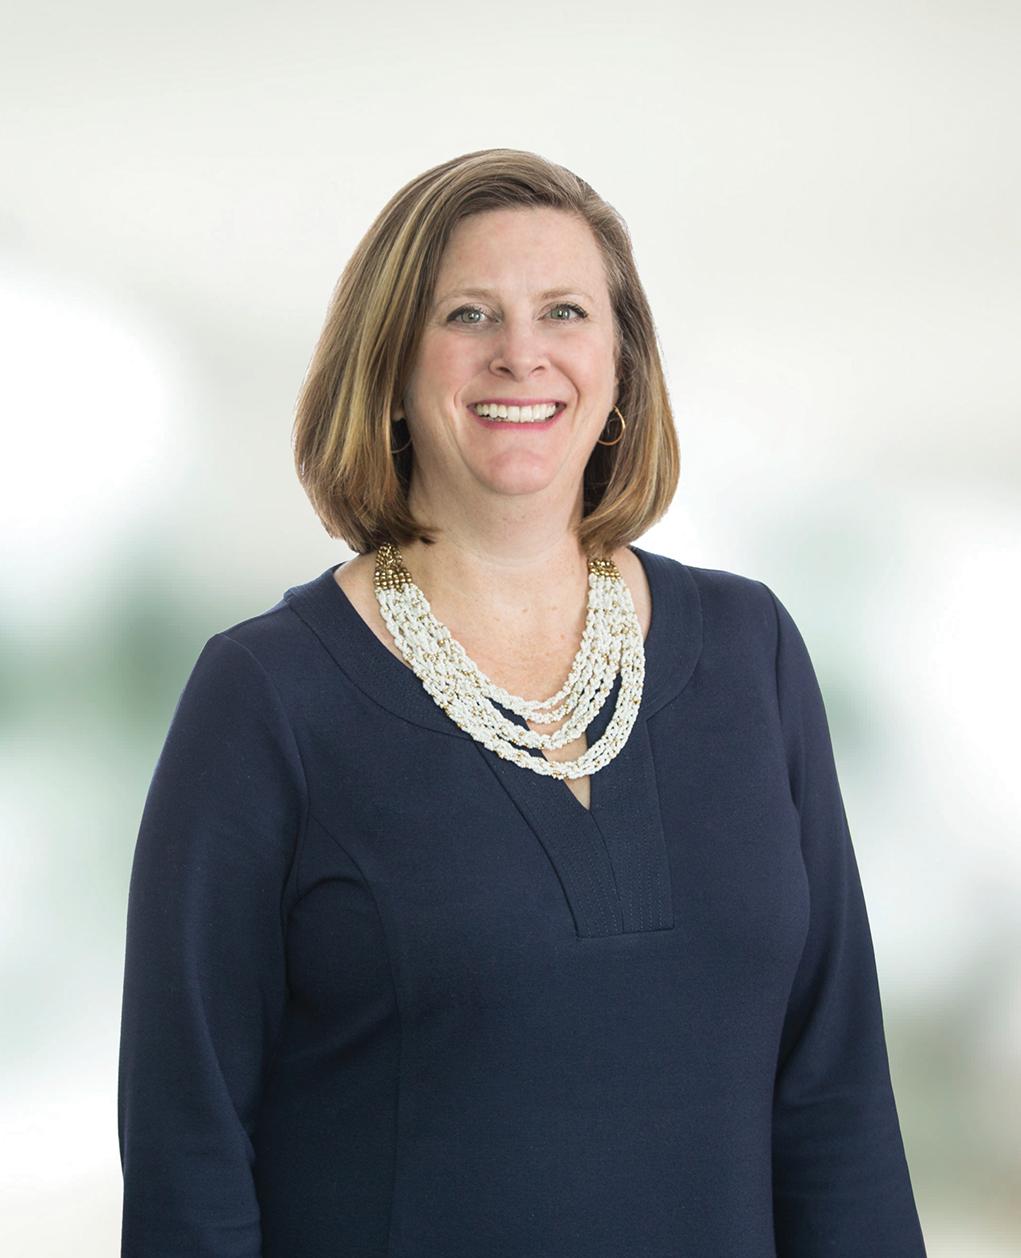 Meg Scoopmire - CREW Upstate Past President 2012